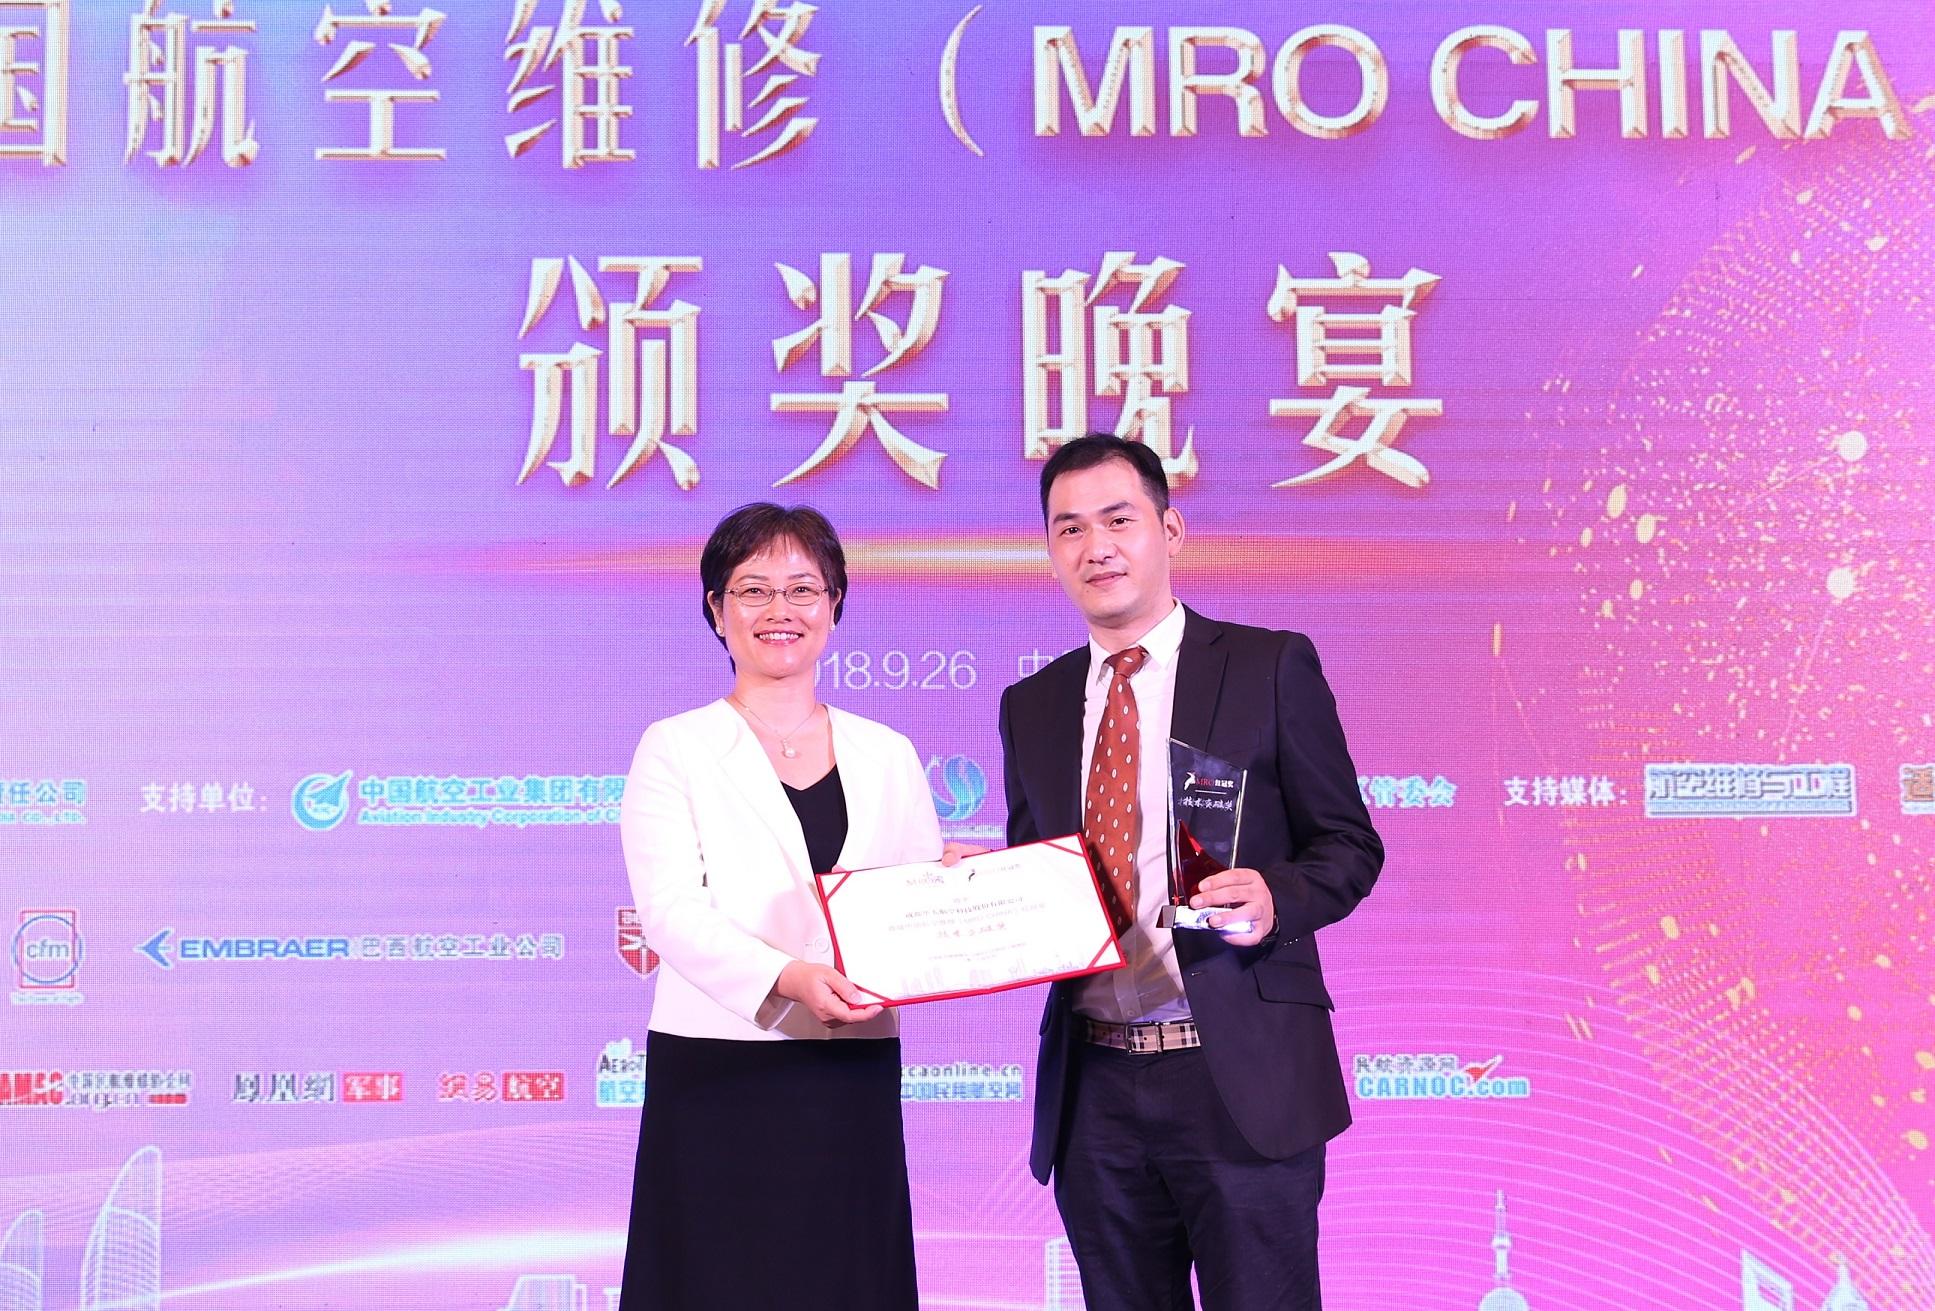 首届中国航空维修红冠奖揭晓